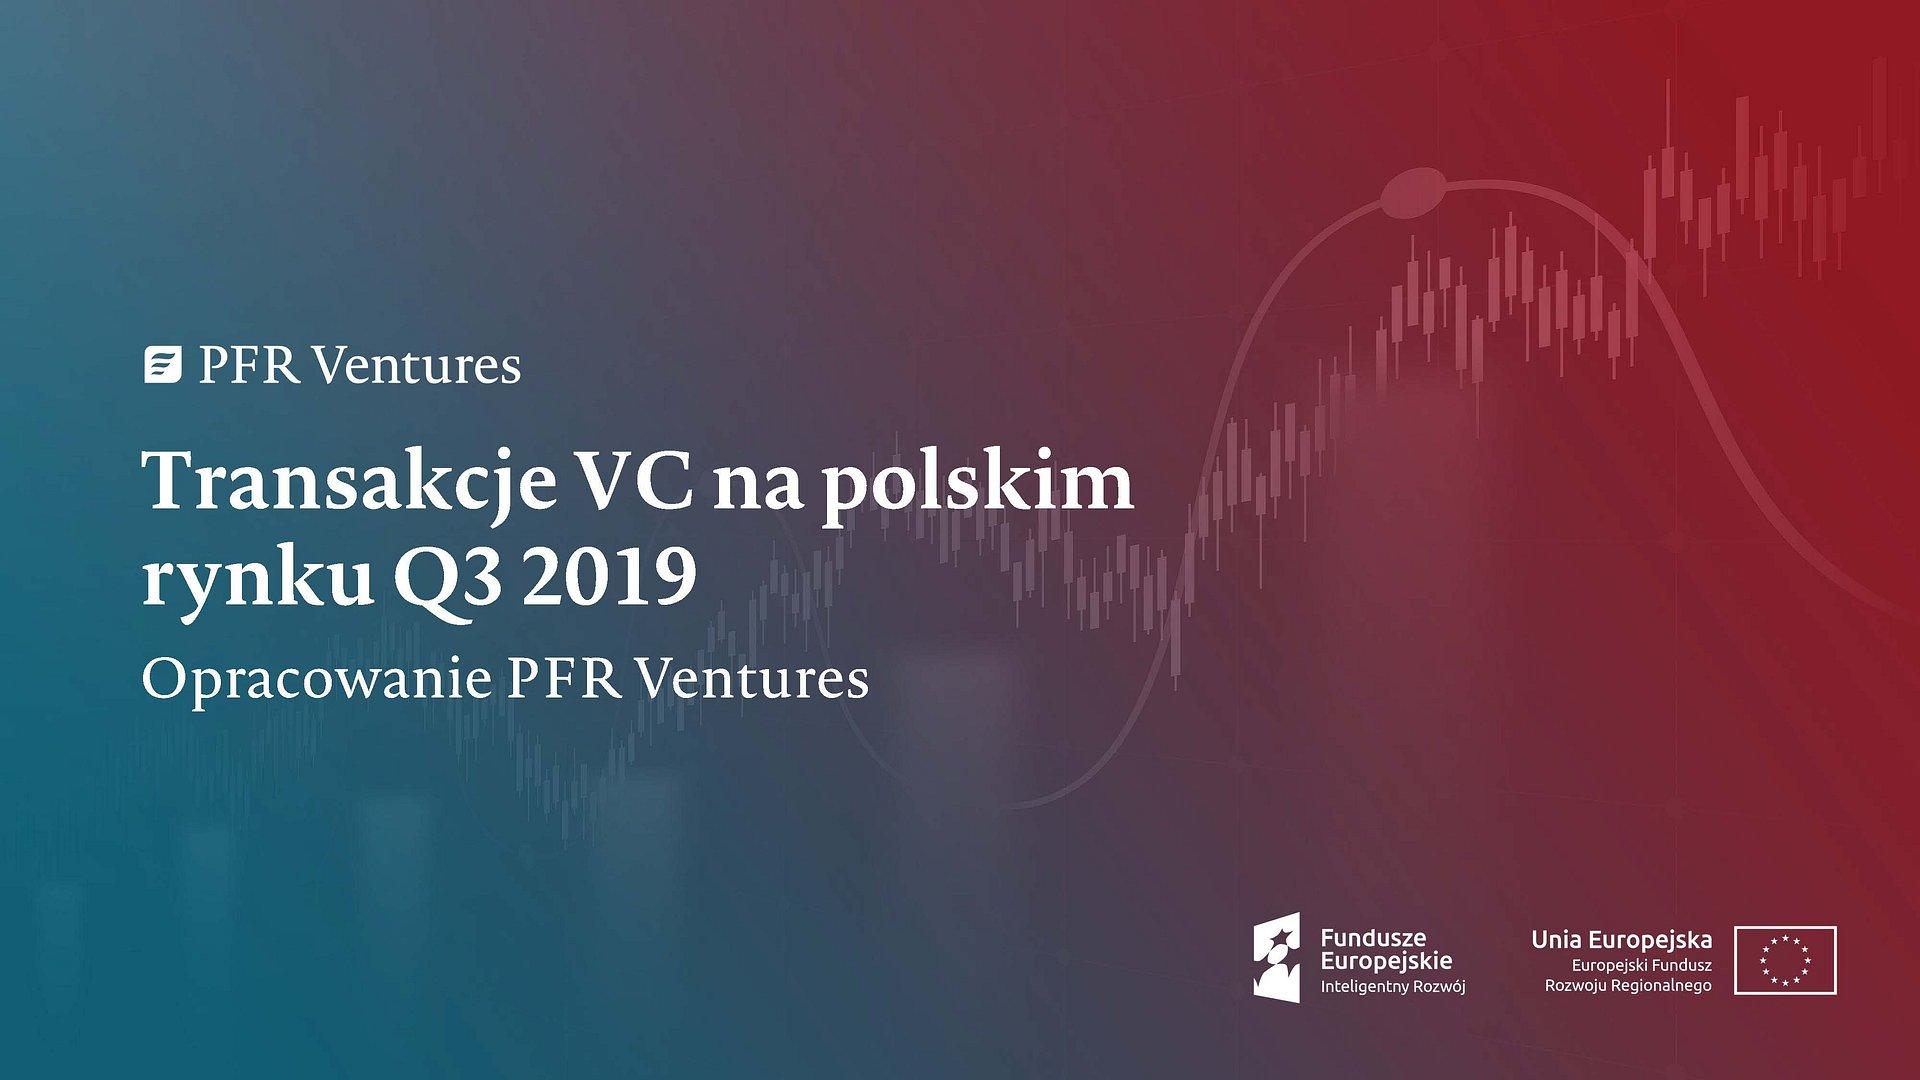 Podsumowanie aktywności na polskim rynku VC w trzecim kwartale 2019